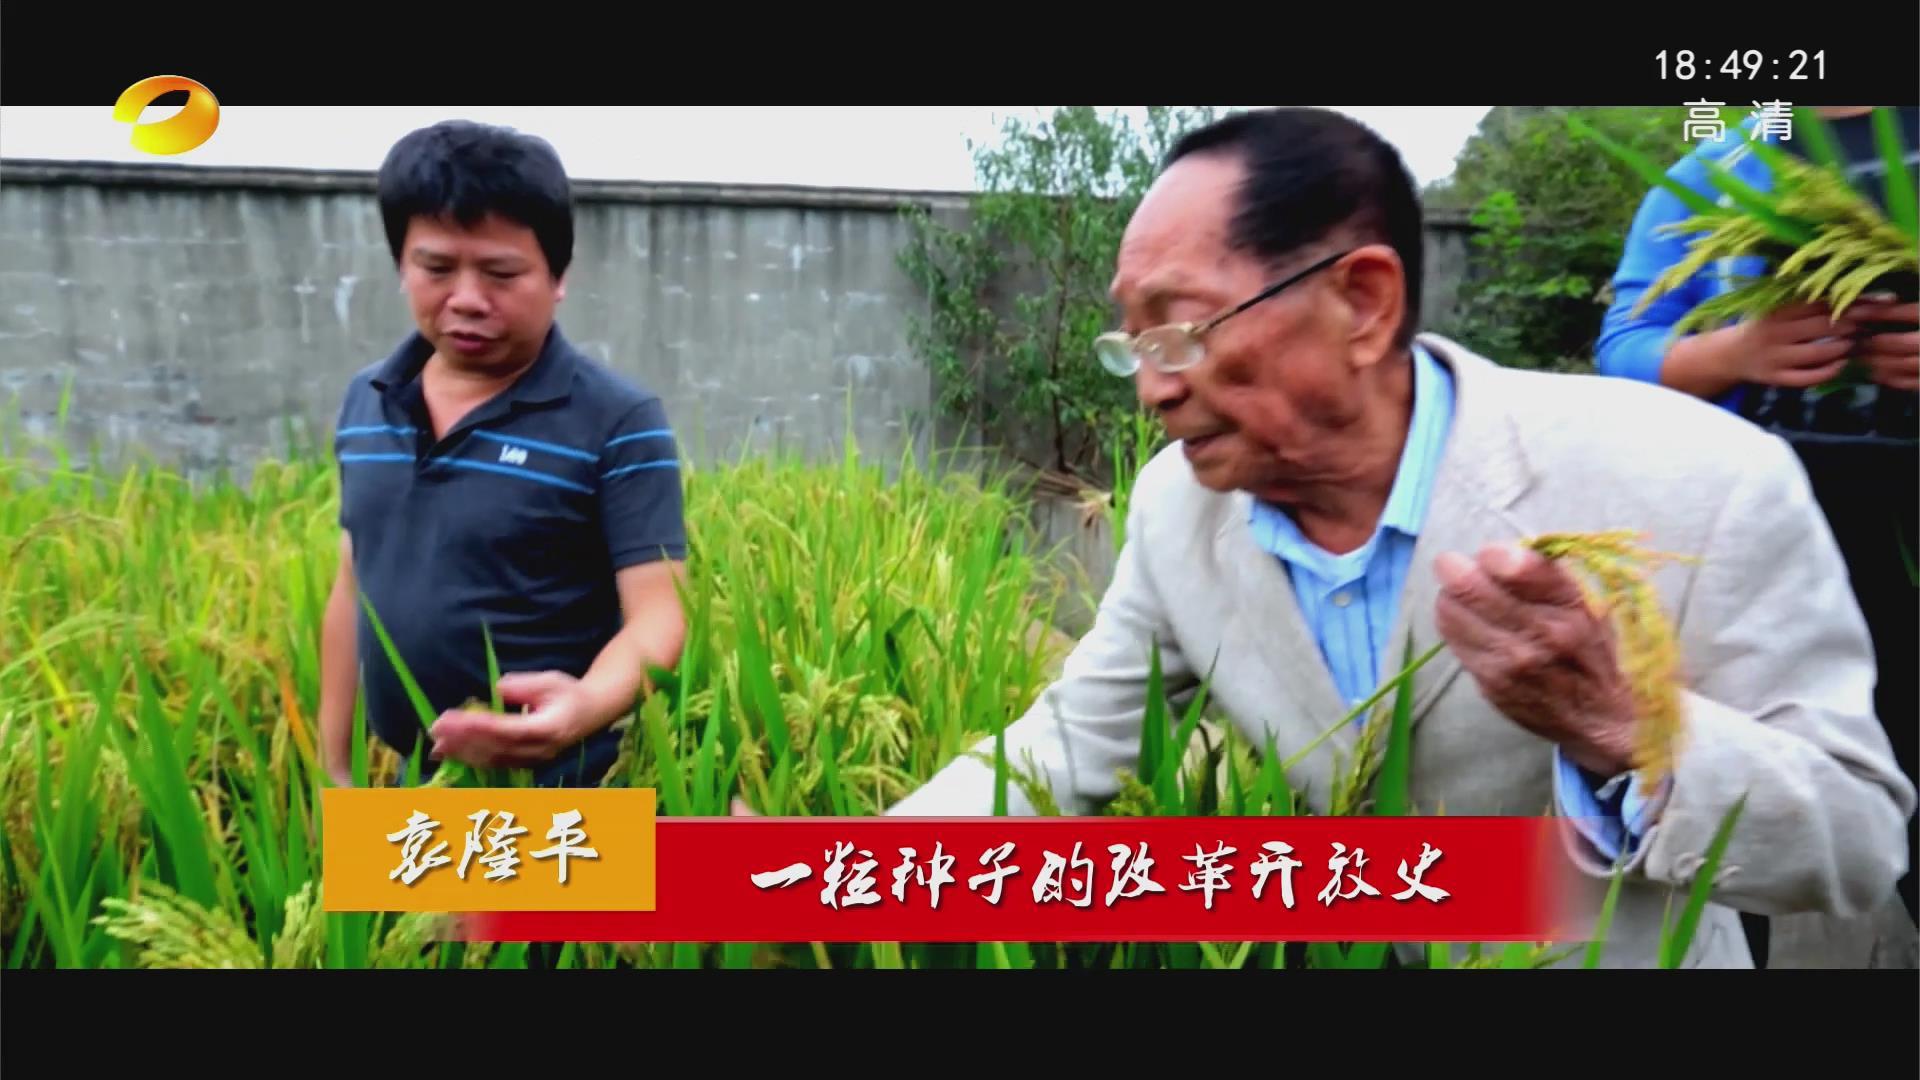 袁隆平:一粒种子的改革开放史